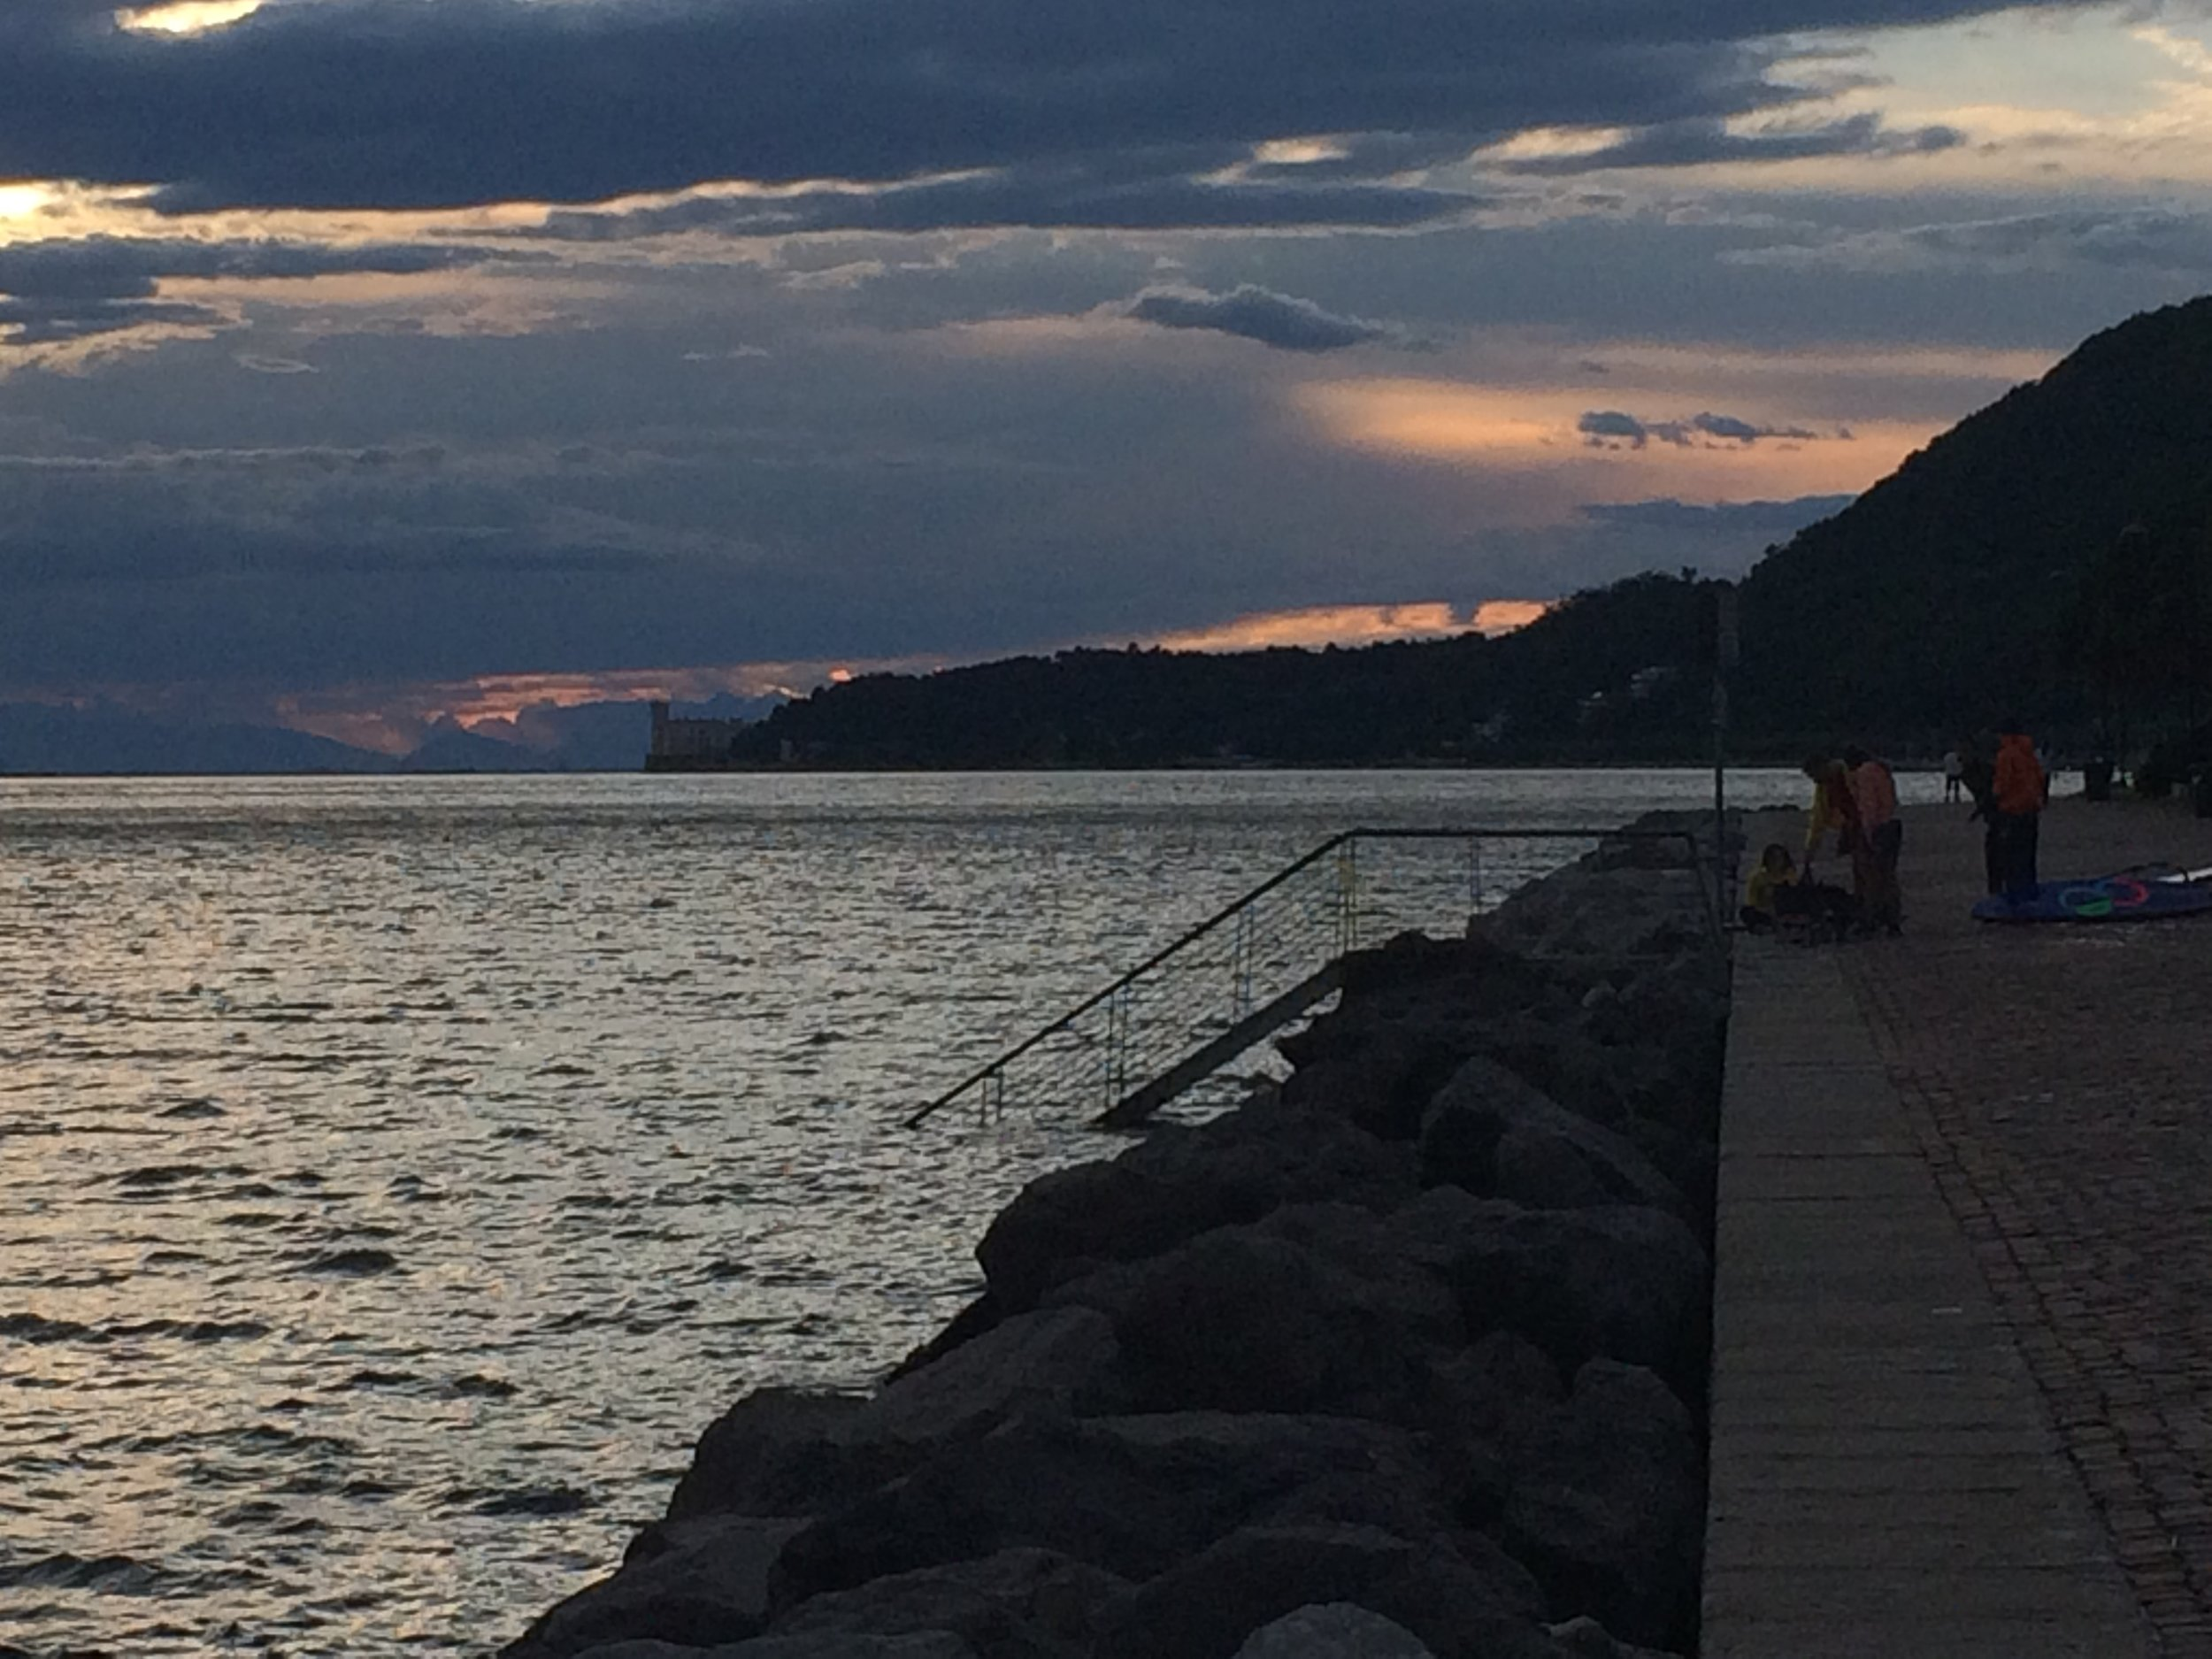 Sunset at Promenade of Barcola